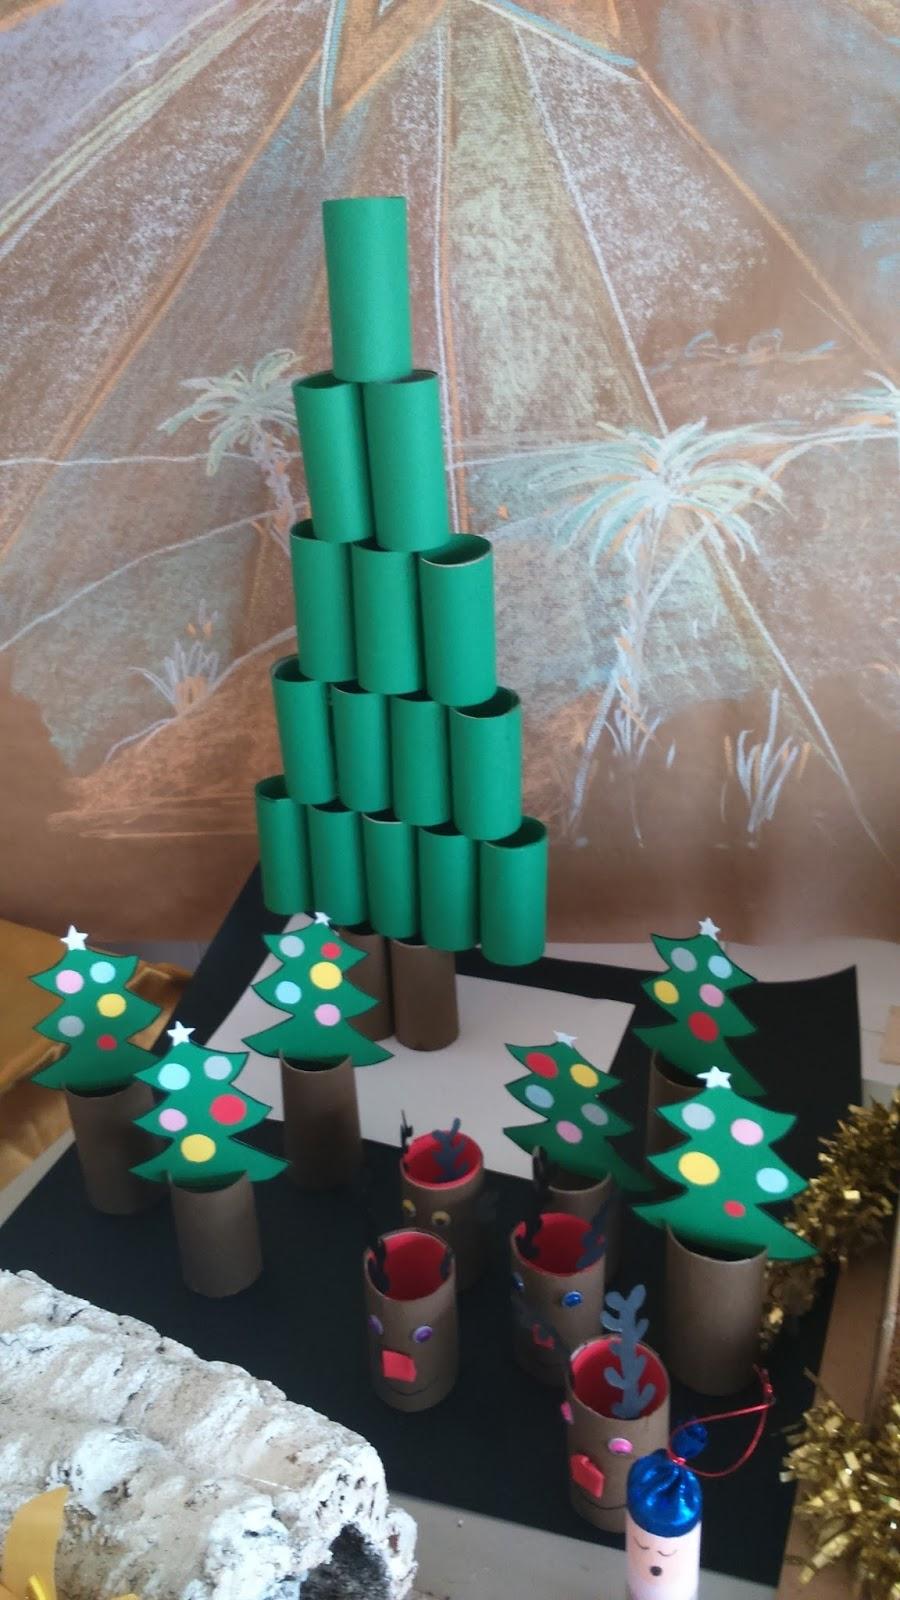 Emprendedores en calamonte concurso de adornos navide os - Videos de adornos navidenos ...